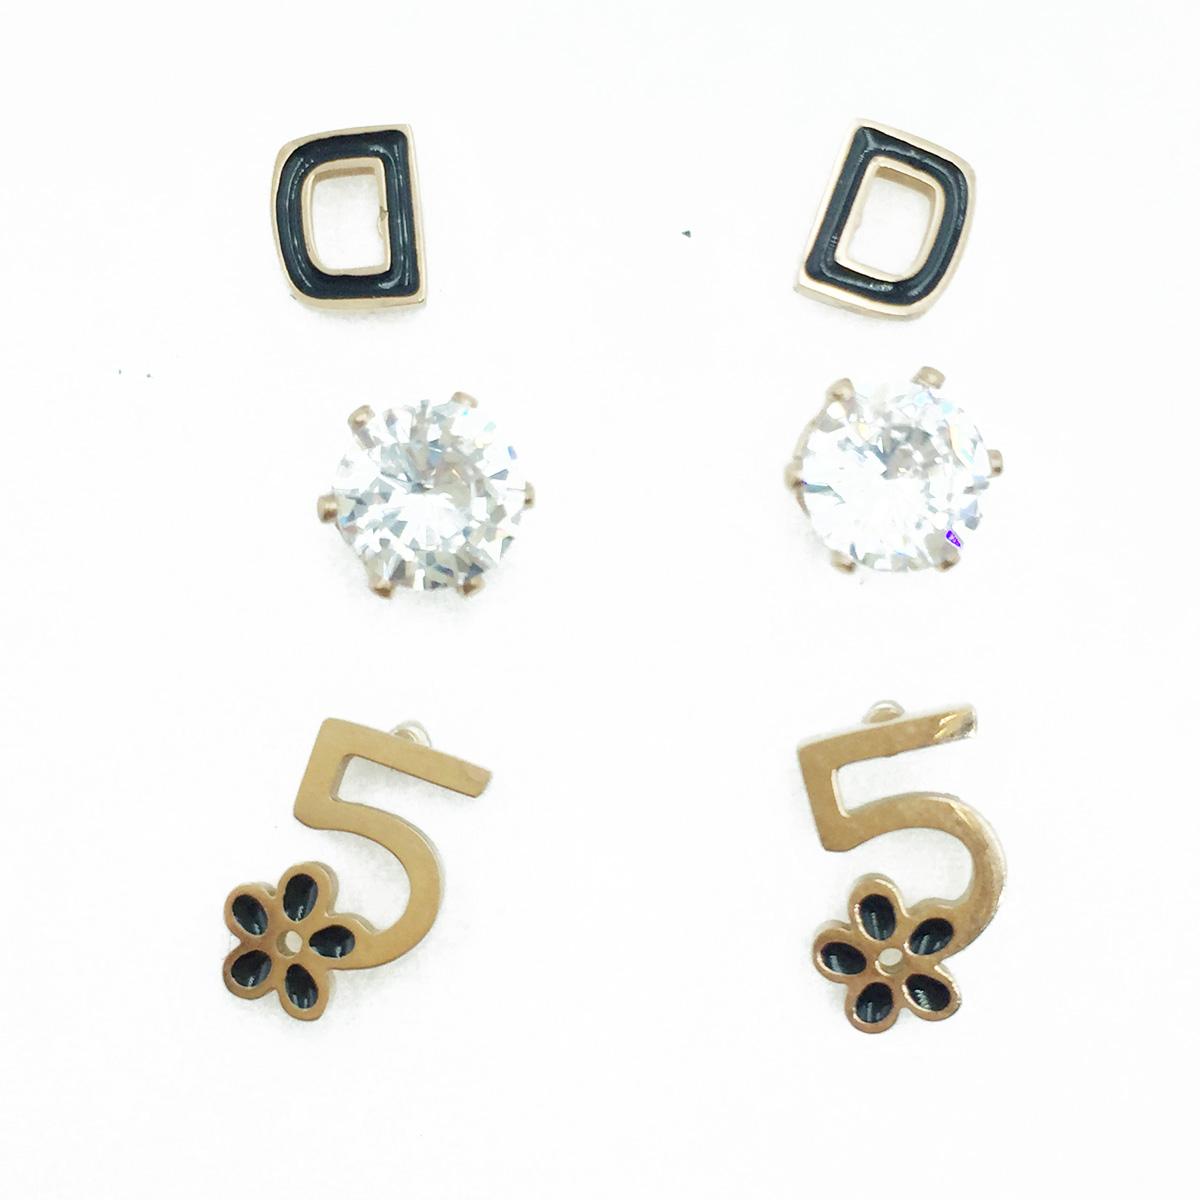 韓國 不鏽鋼 數字5 花 水鑽 爪鑽 玫瑰金邊 3對組 耳針式耳環